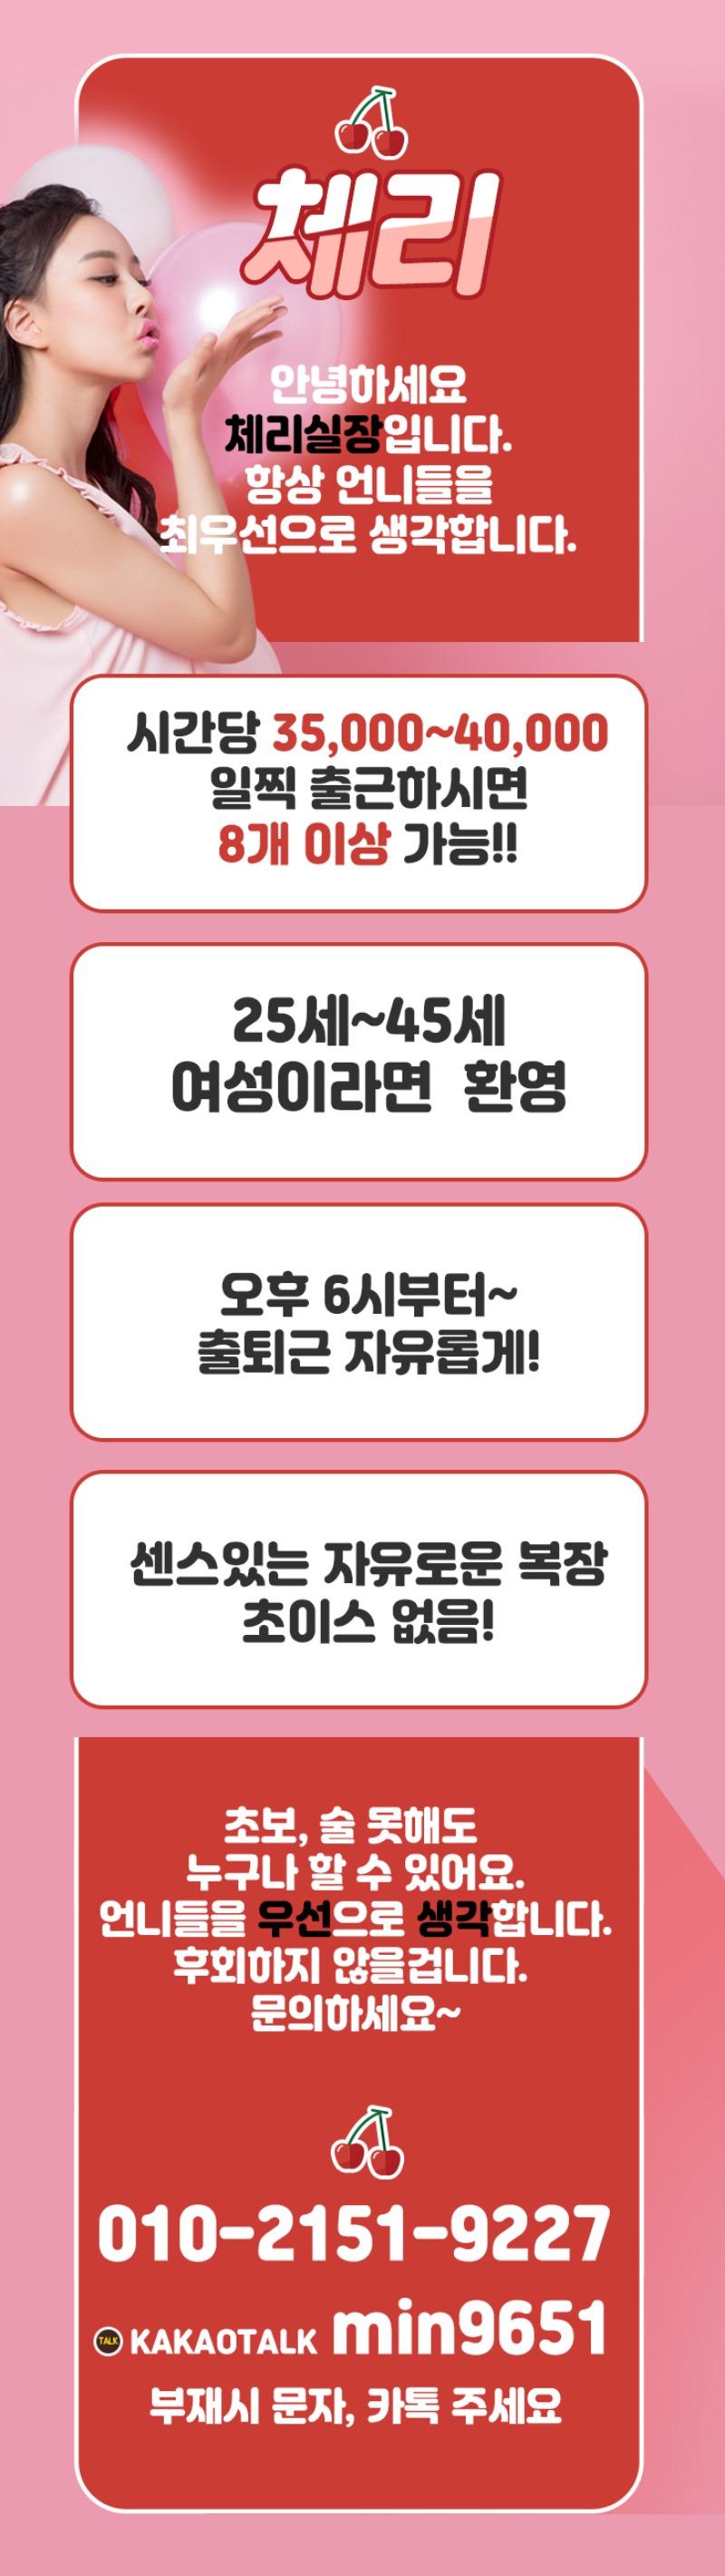 체리_로고_상세.zip-서울-중랑구-체리-상세3.jpg